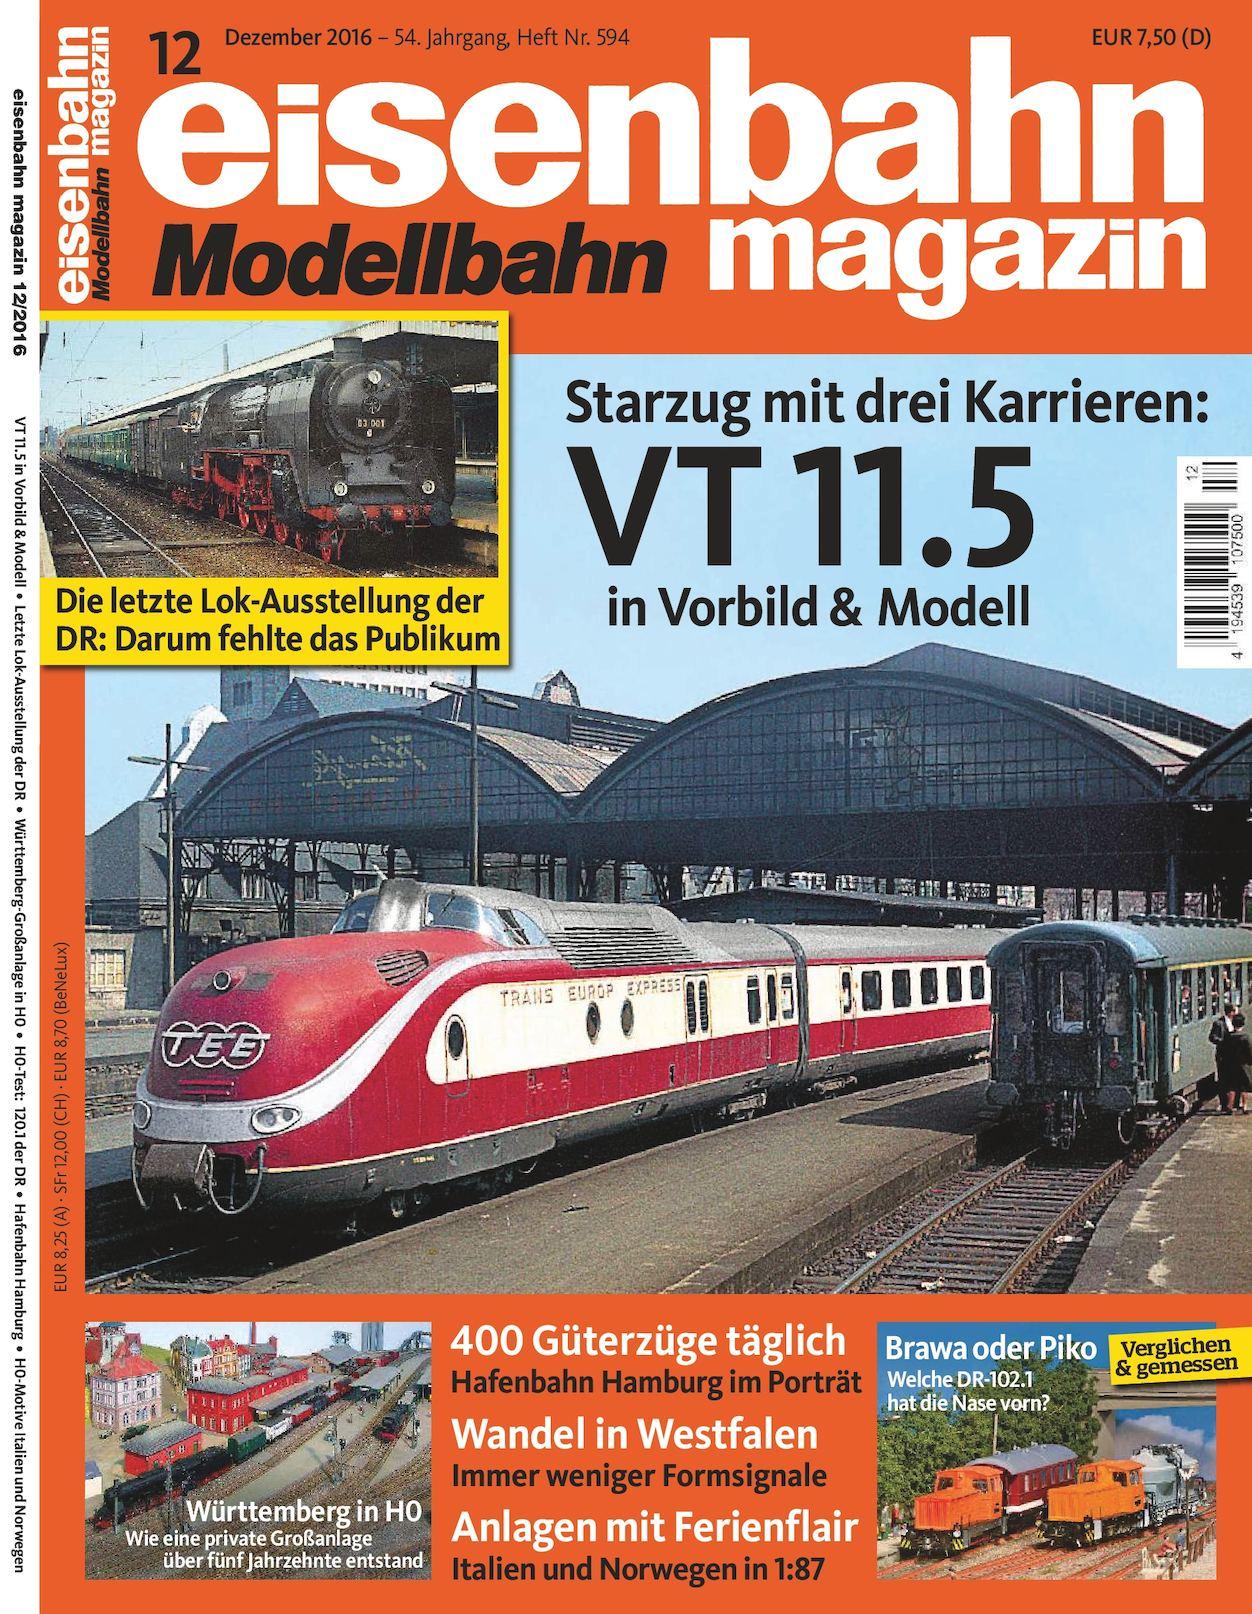 Fachbuch Deutsche Reichsbahn 1968 viele Bilder OVP Eine Reise durch die DDR